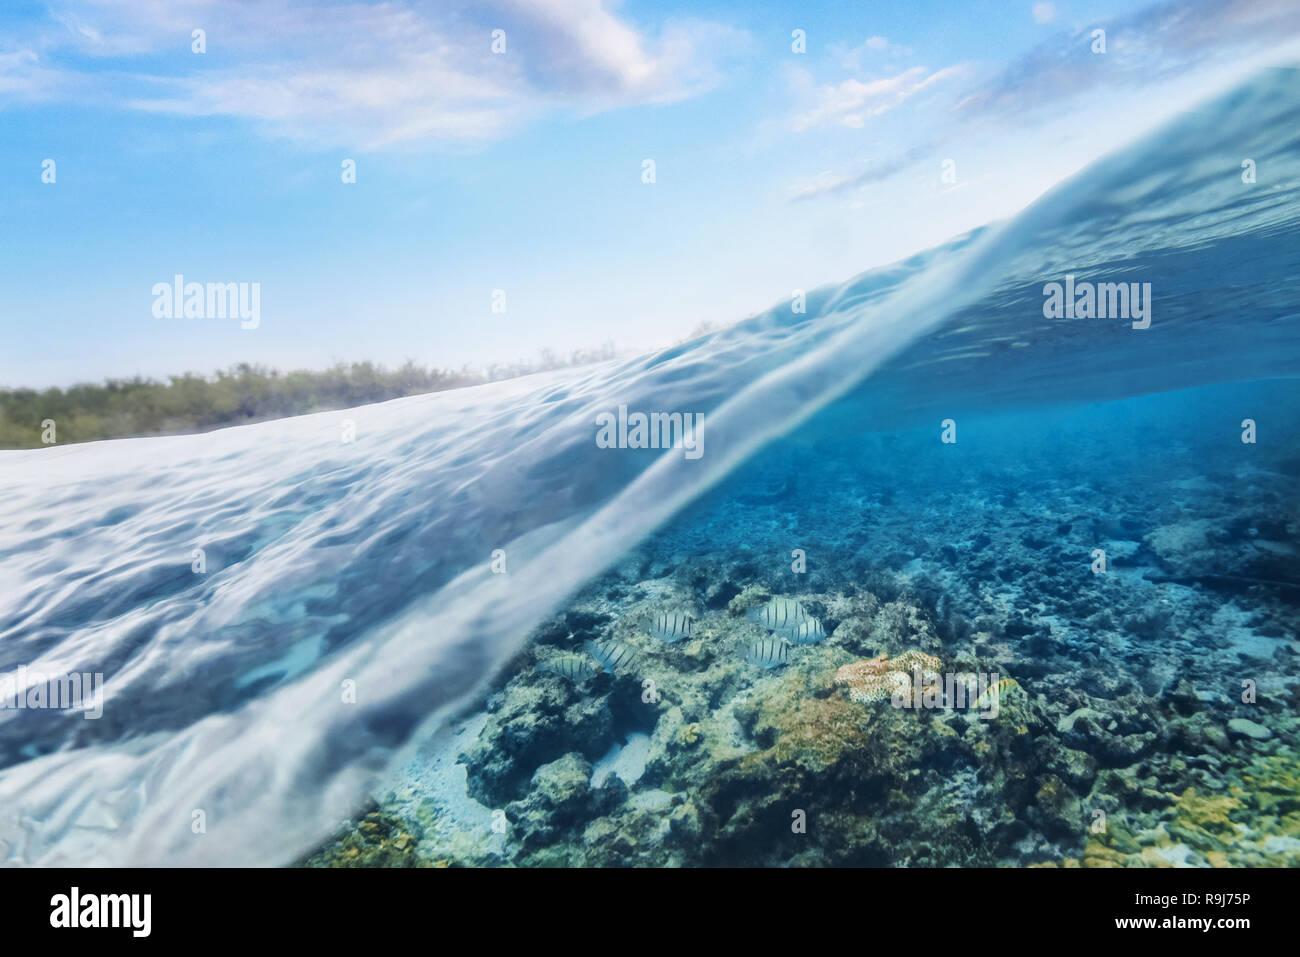 Underwater split level scene - Stock Image